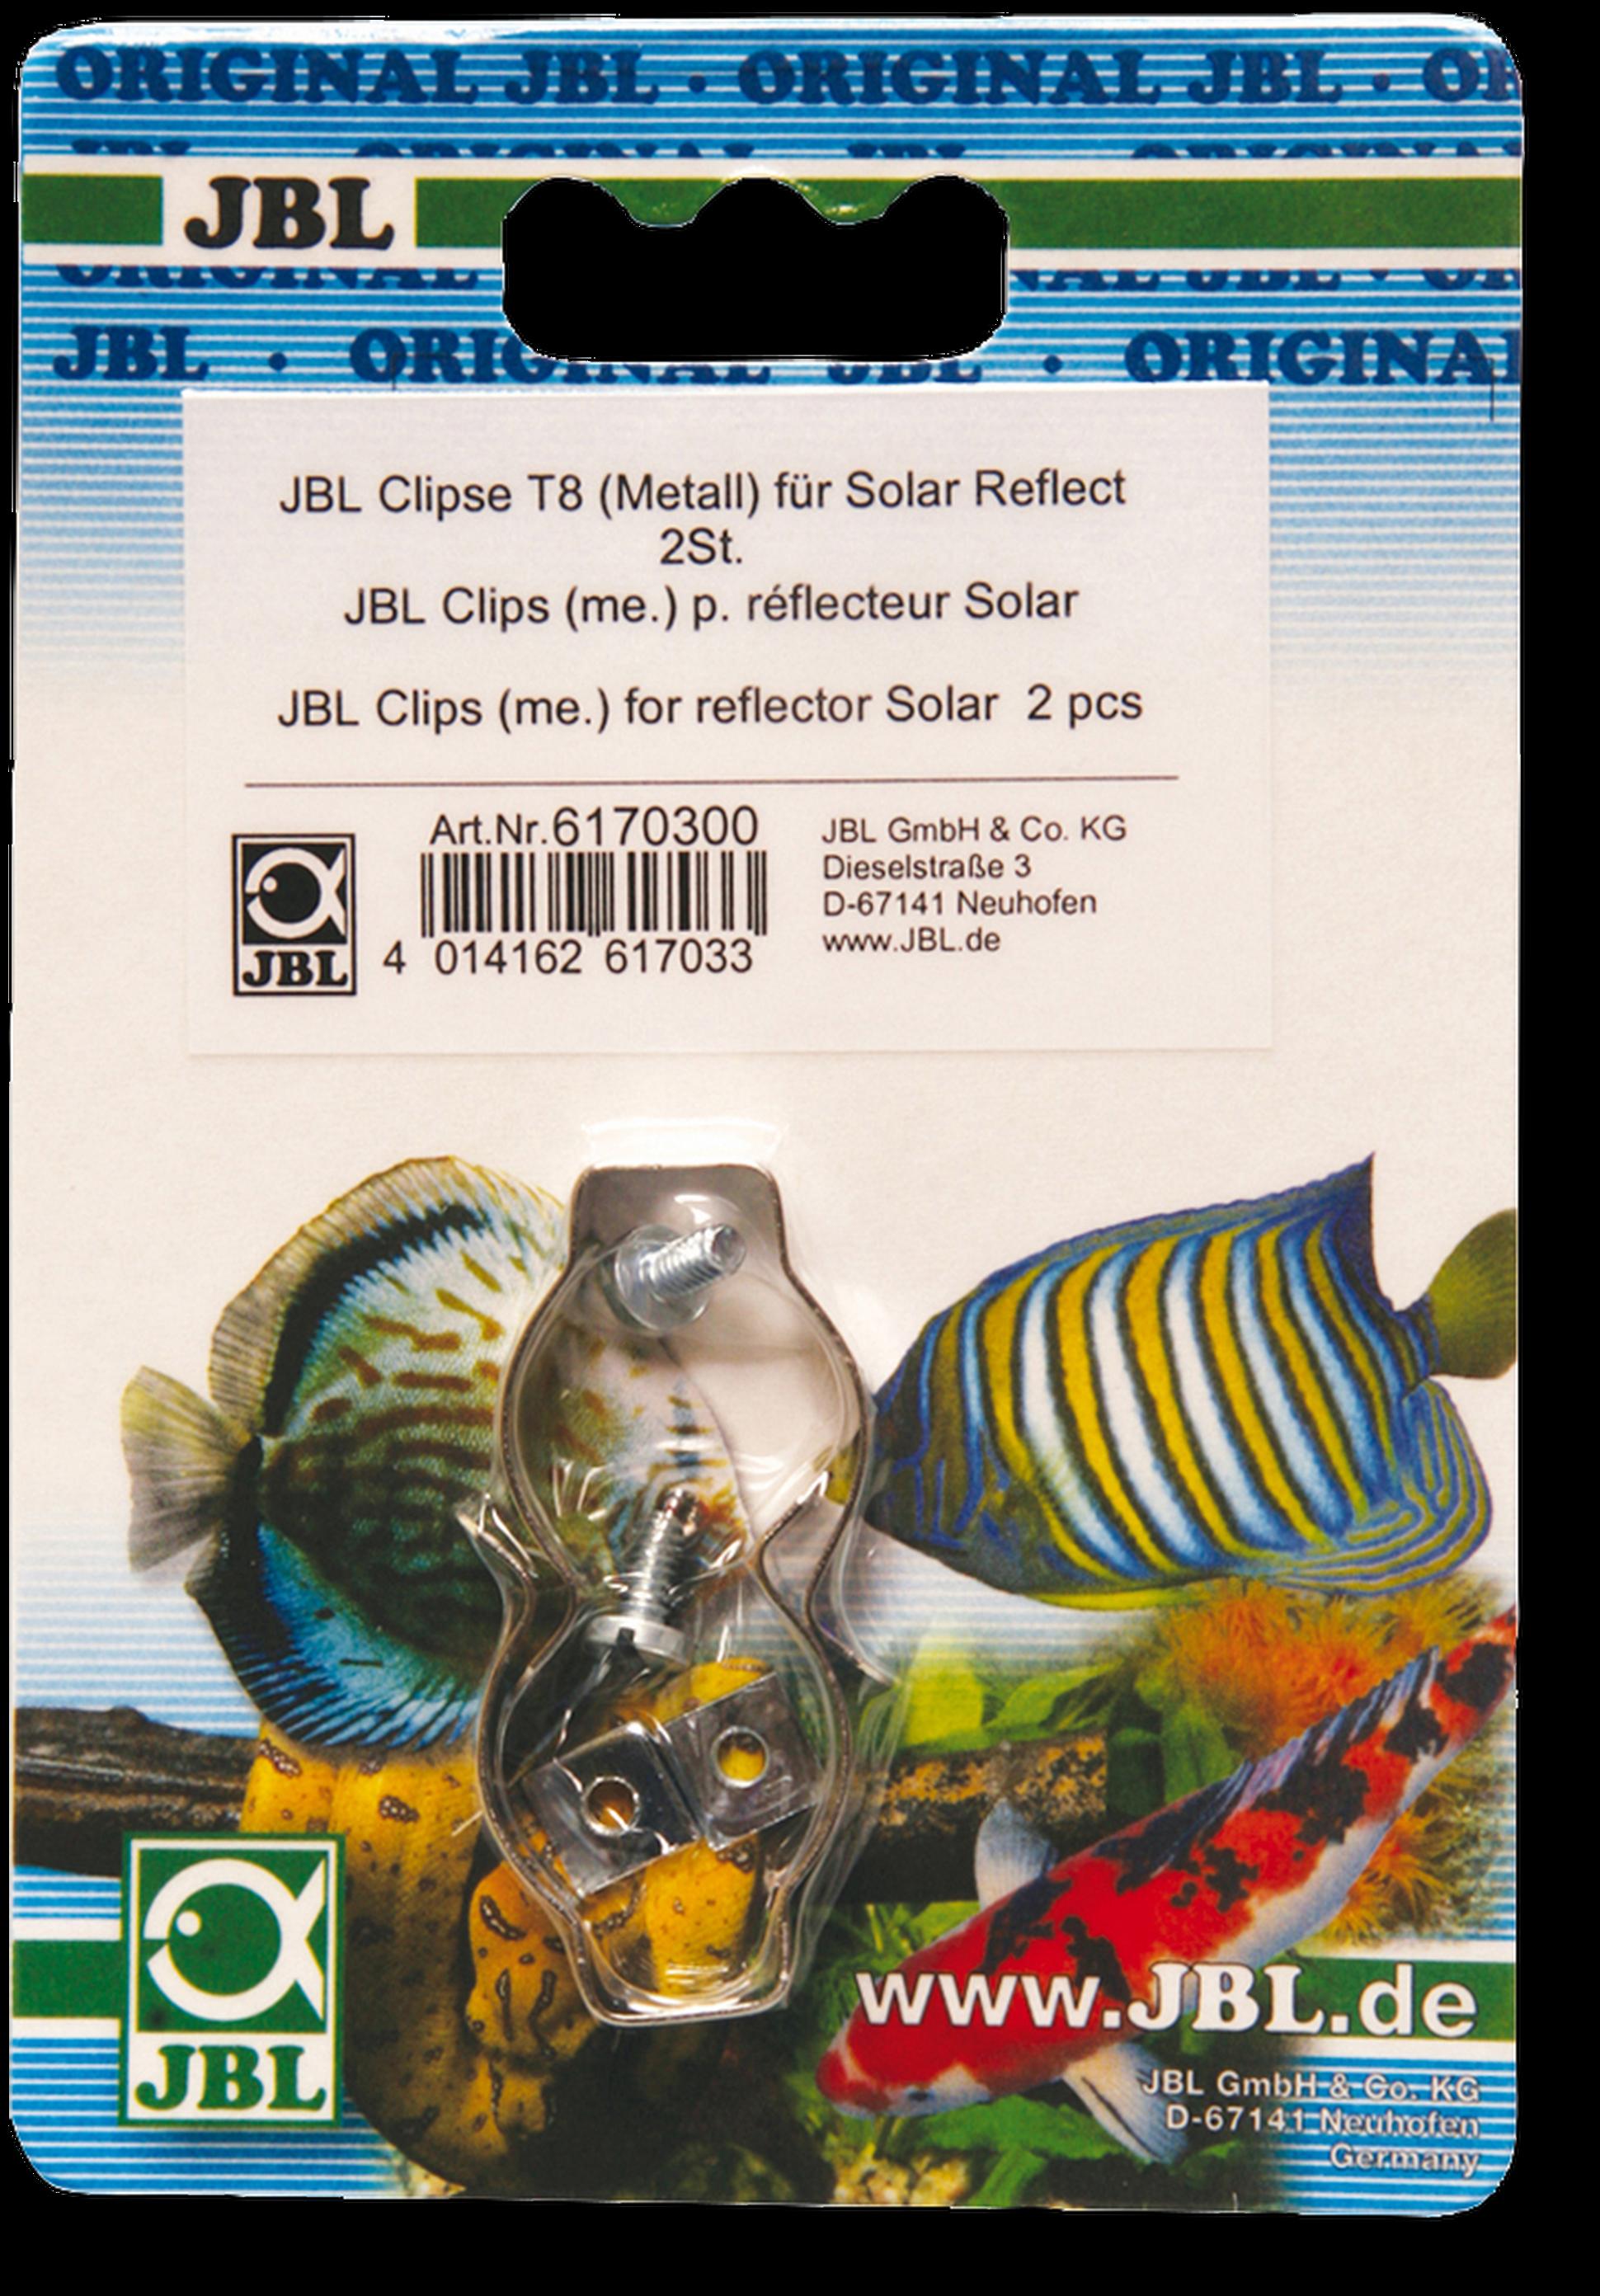 JBL clips T5 T8 metal